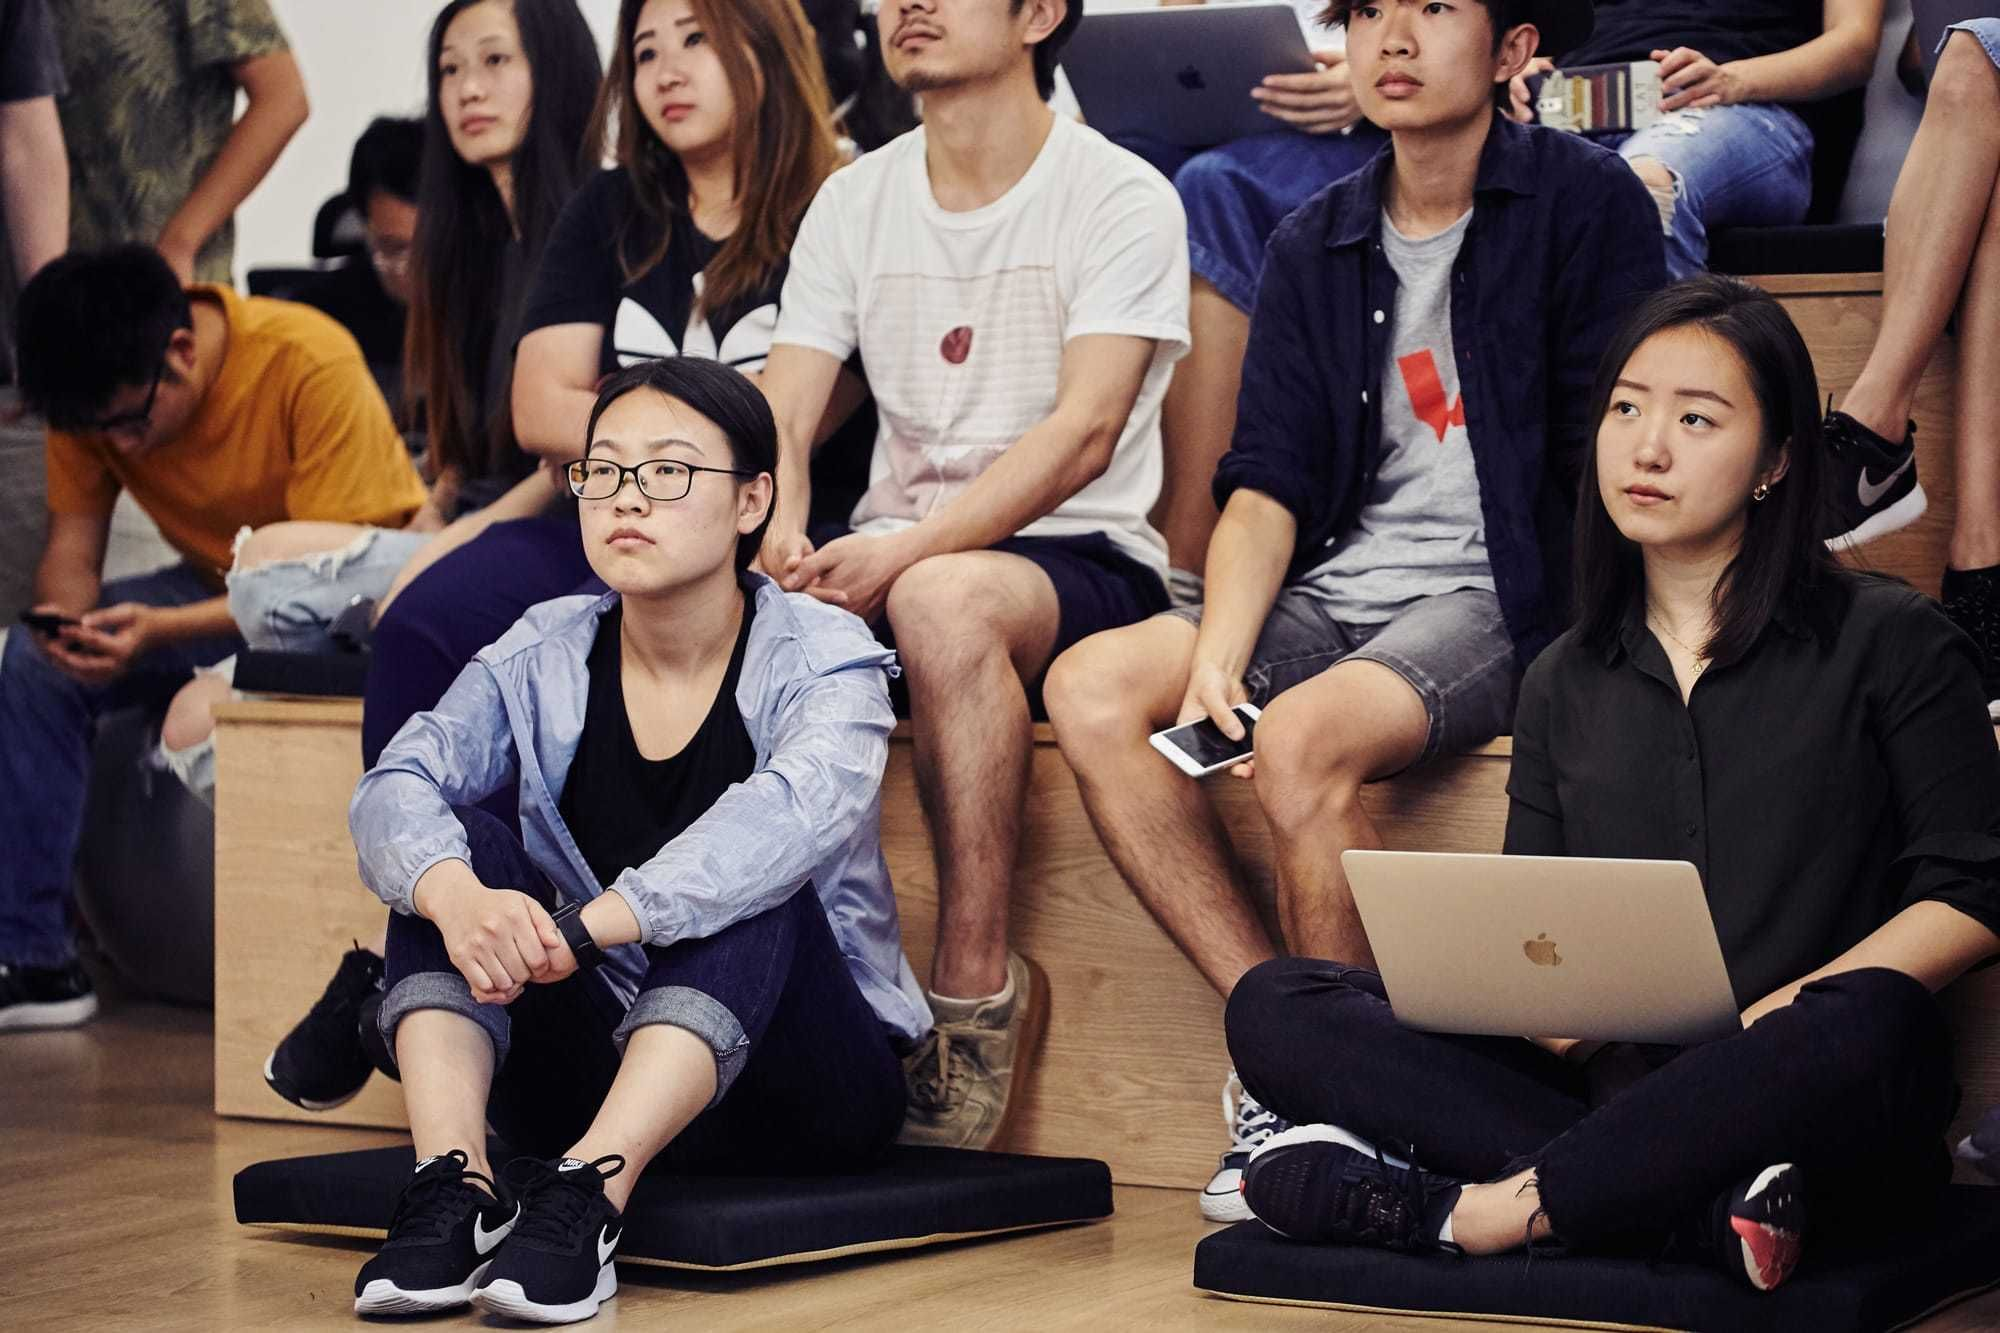 Shanghai UI/UX Design Meetup